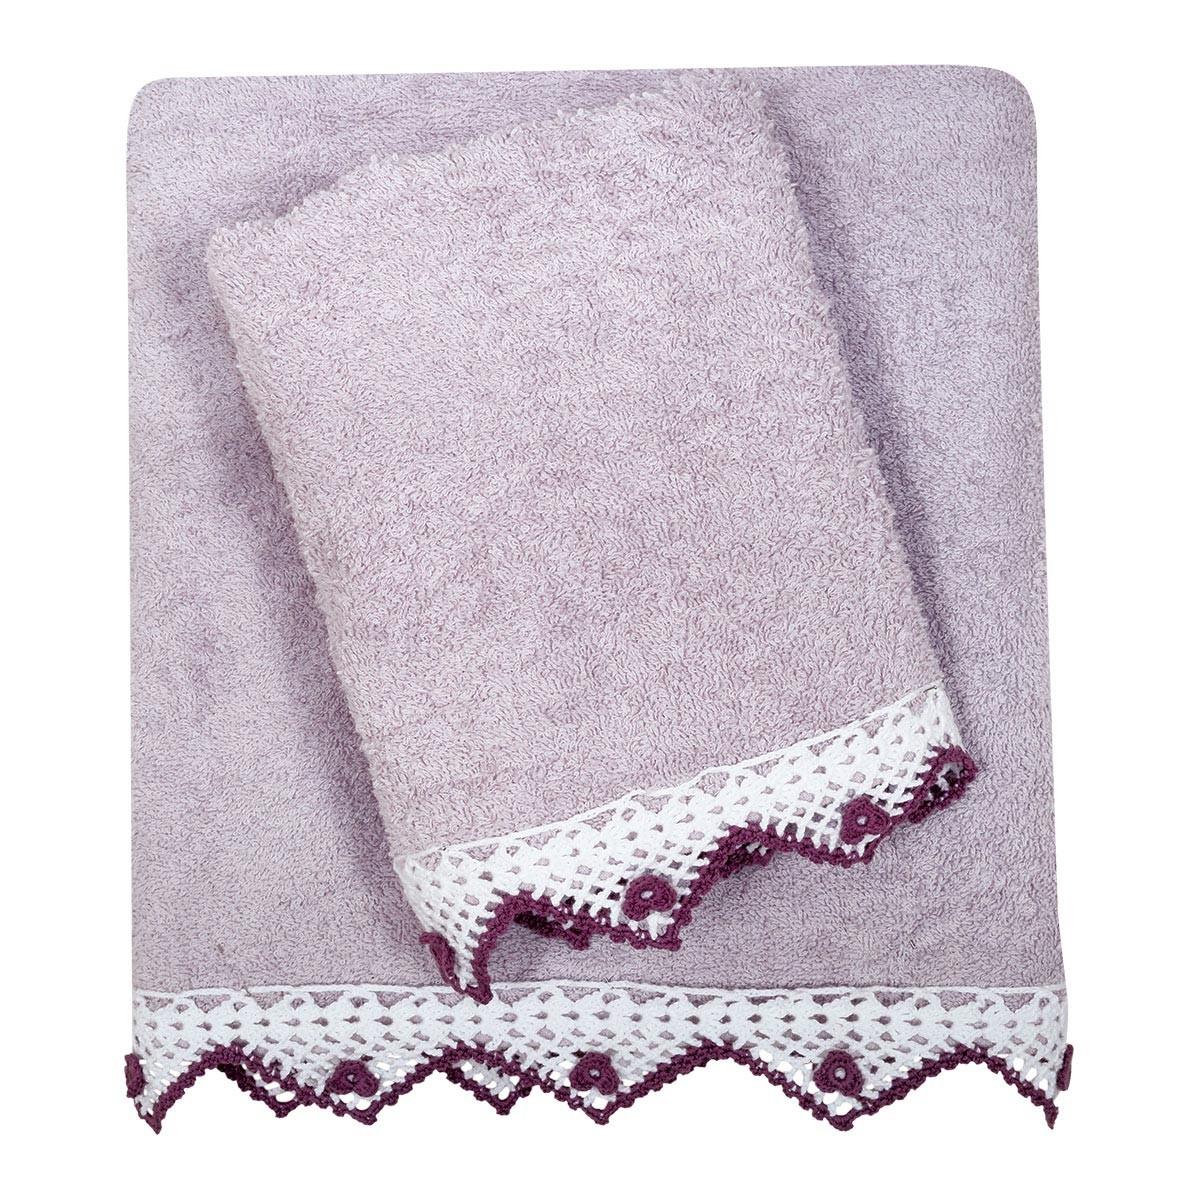 Πετσέτες Μπάνιου (Σετ 3τμχ) Das Home Prestige Line 310 66967